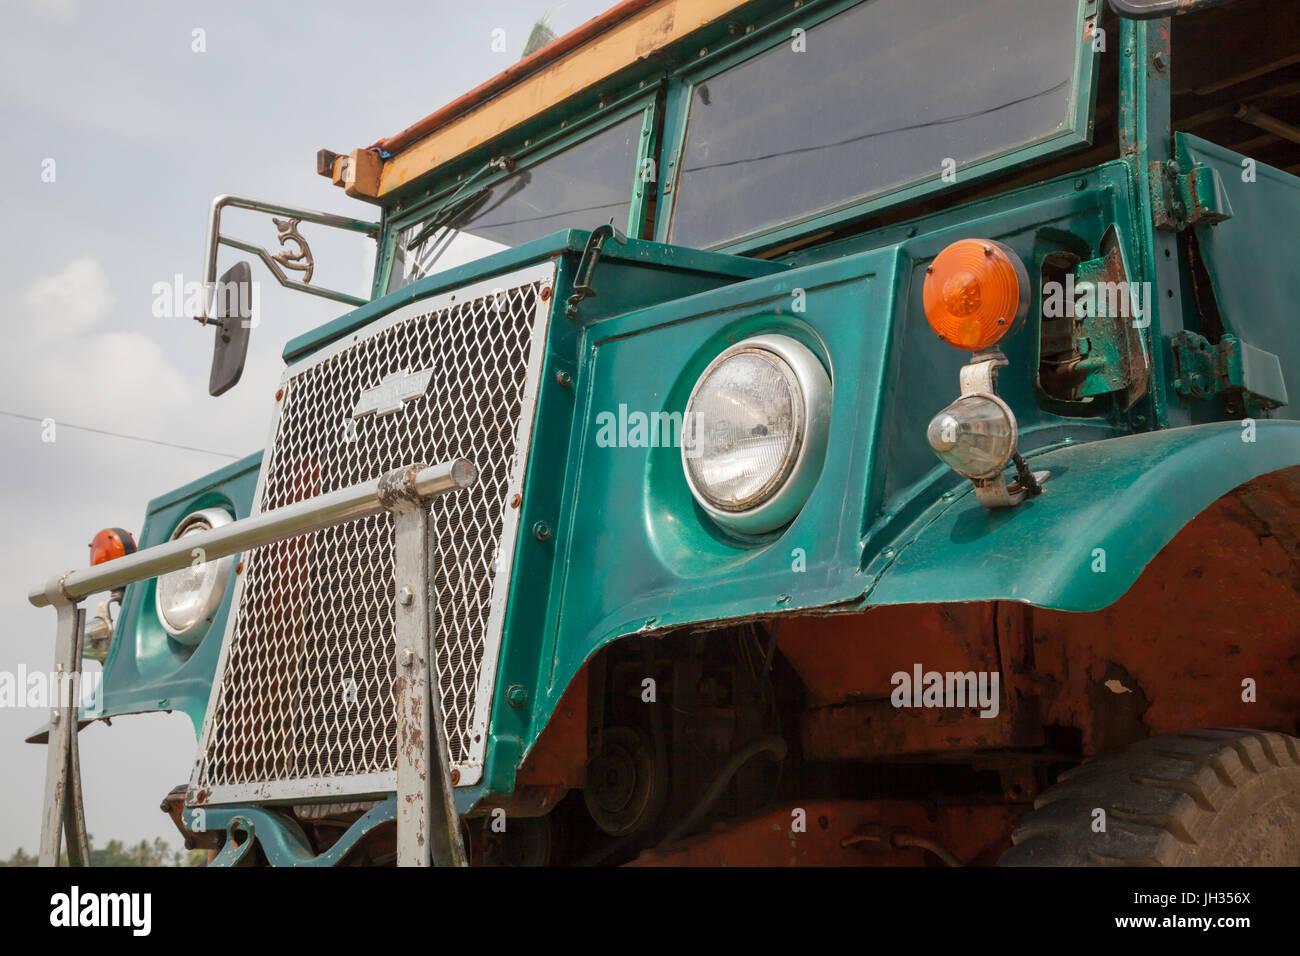 Ww2 Era Chevrolet Army Truck Stockfotos Und Bilder Kaufen Alamy